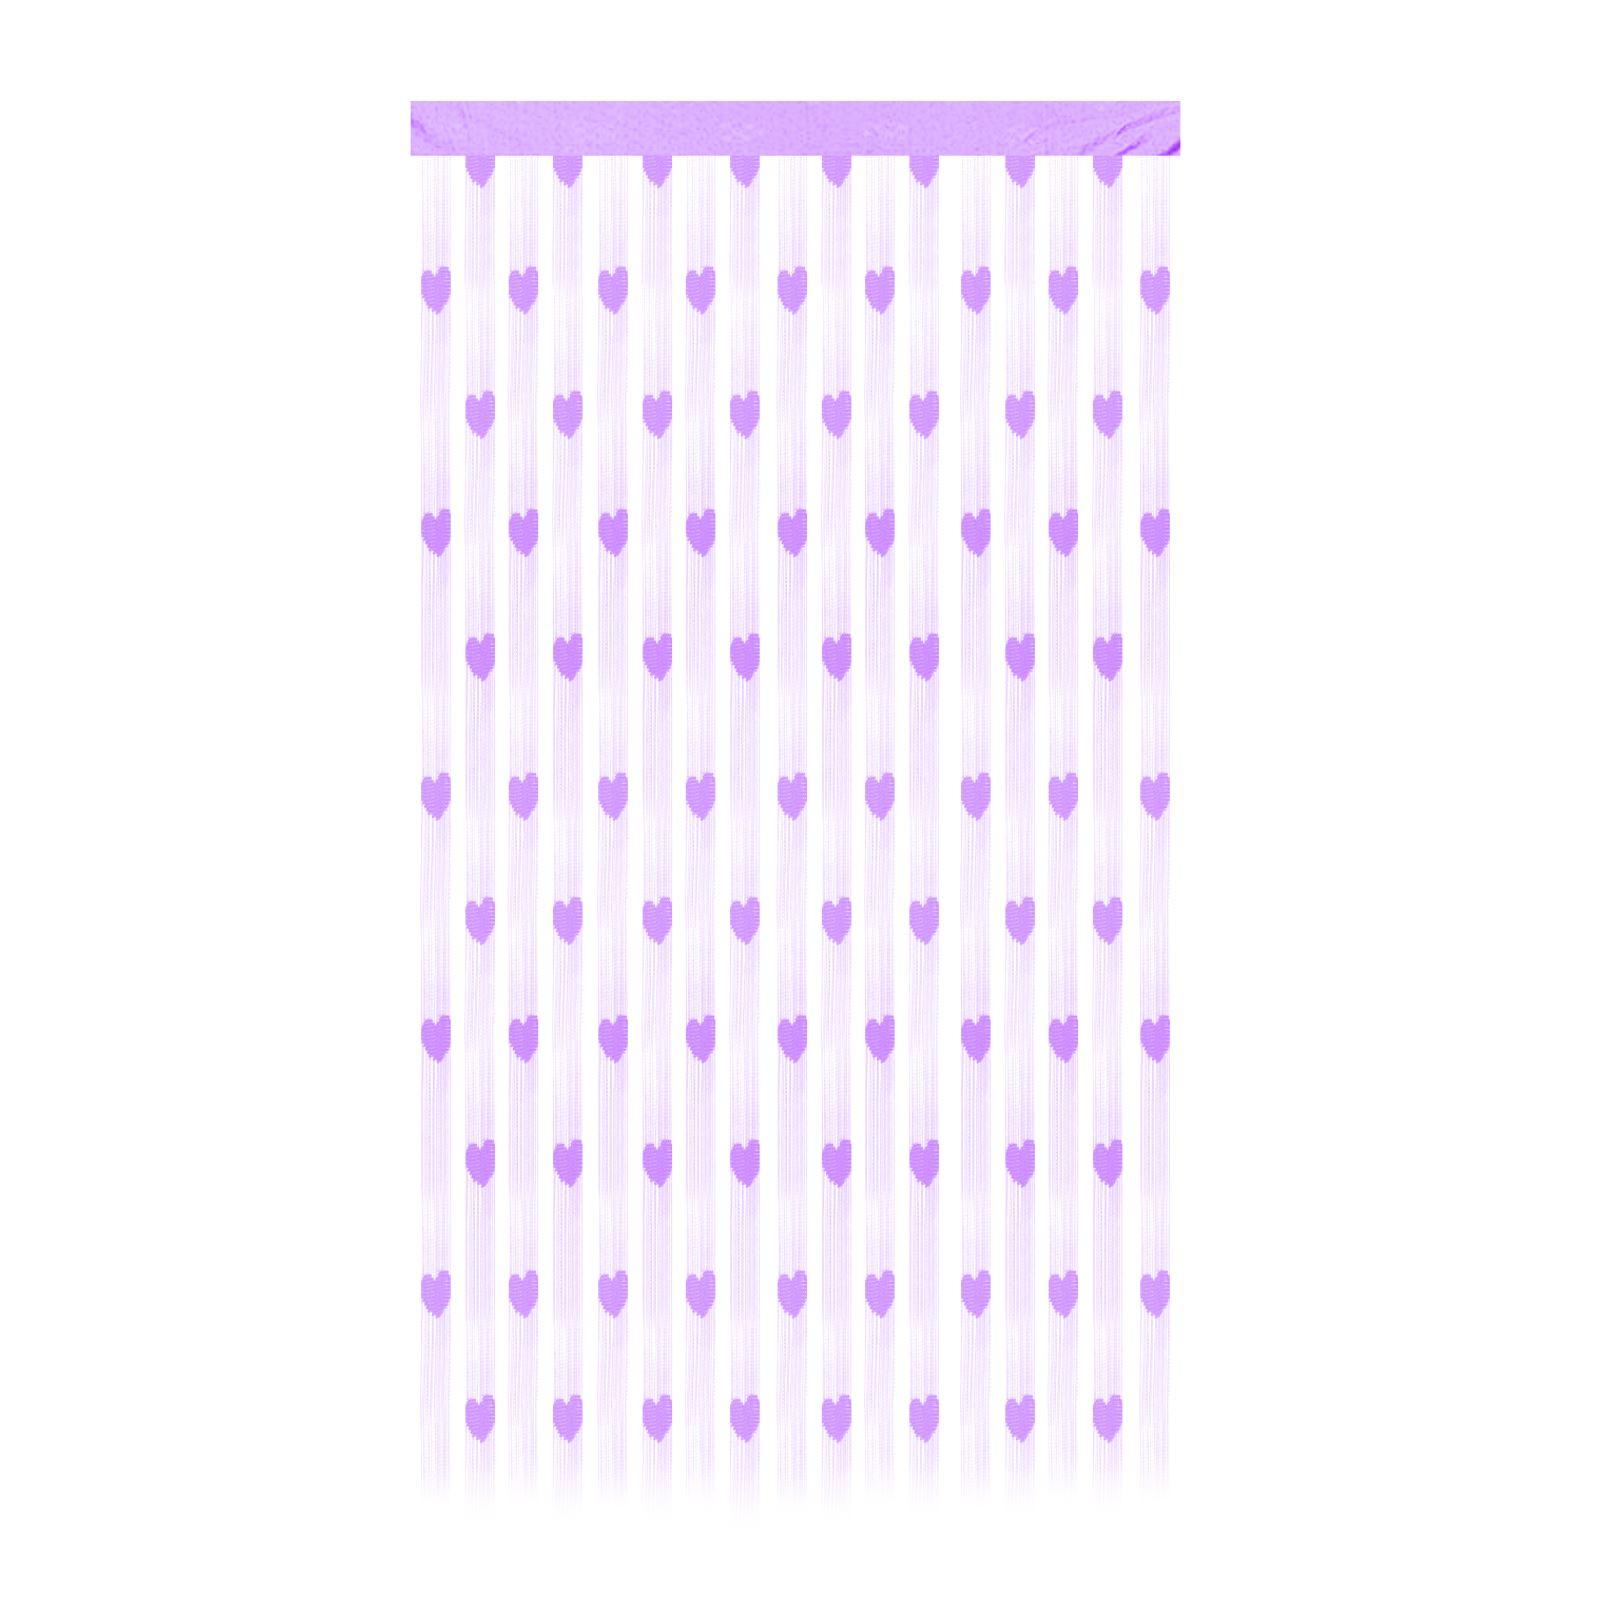 herzfoermig-Tuer-Fenster-Wandbehang-Schnur-Vorhang-Netz-suess-Kinder-Schlafzimmer